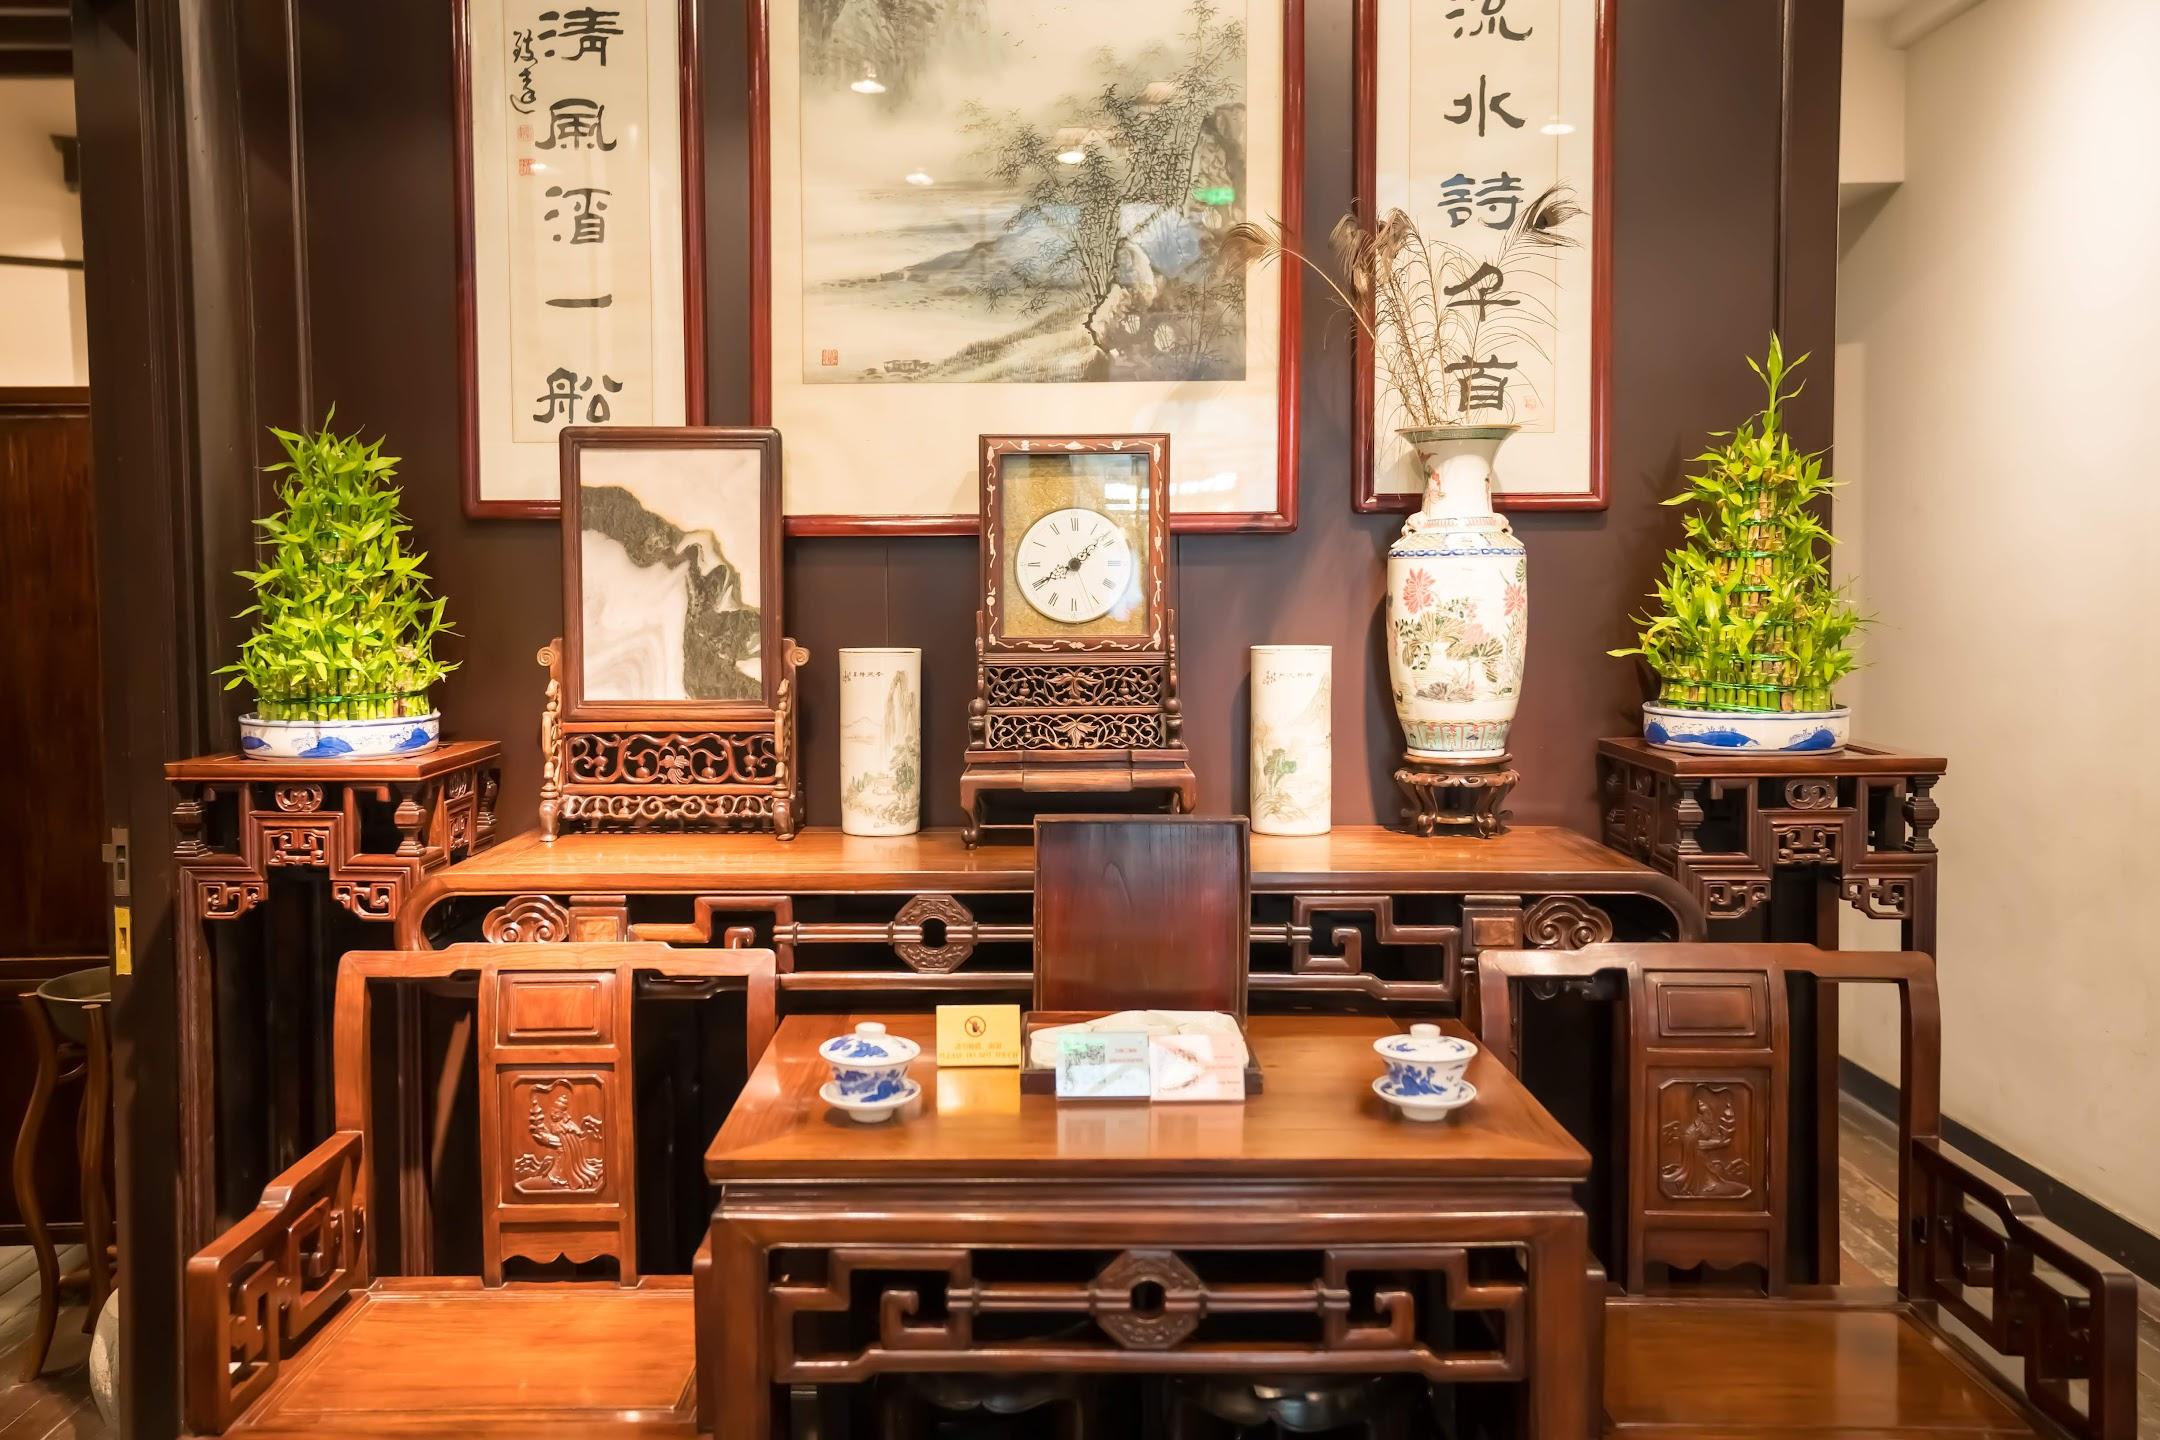 上海 新天地 石庫門屋里厢1